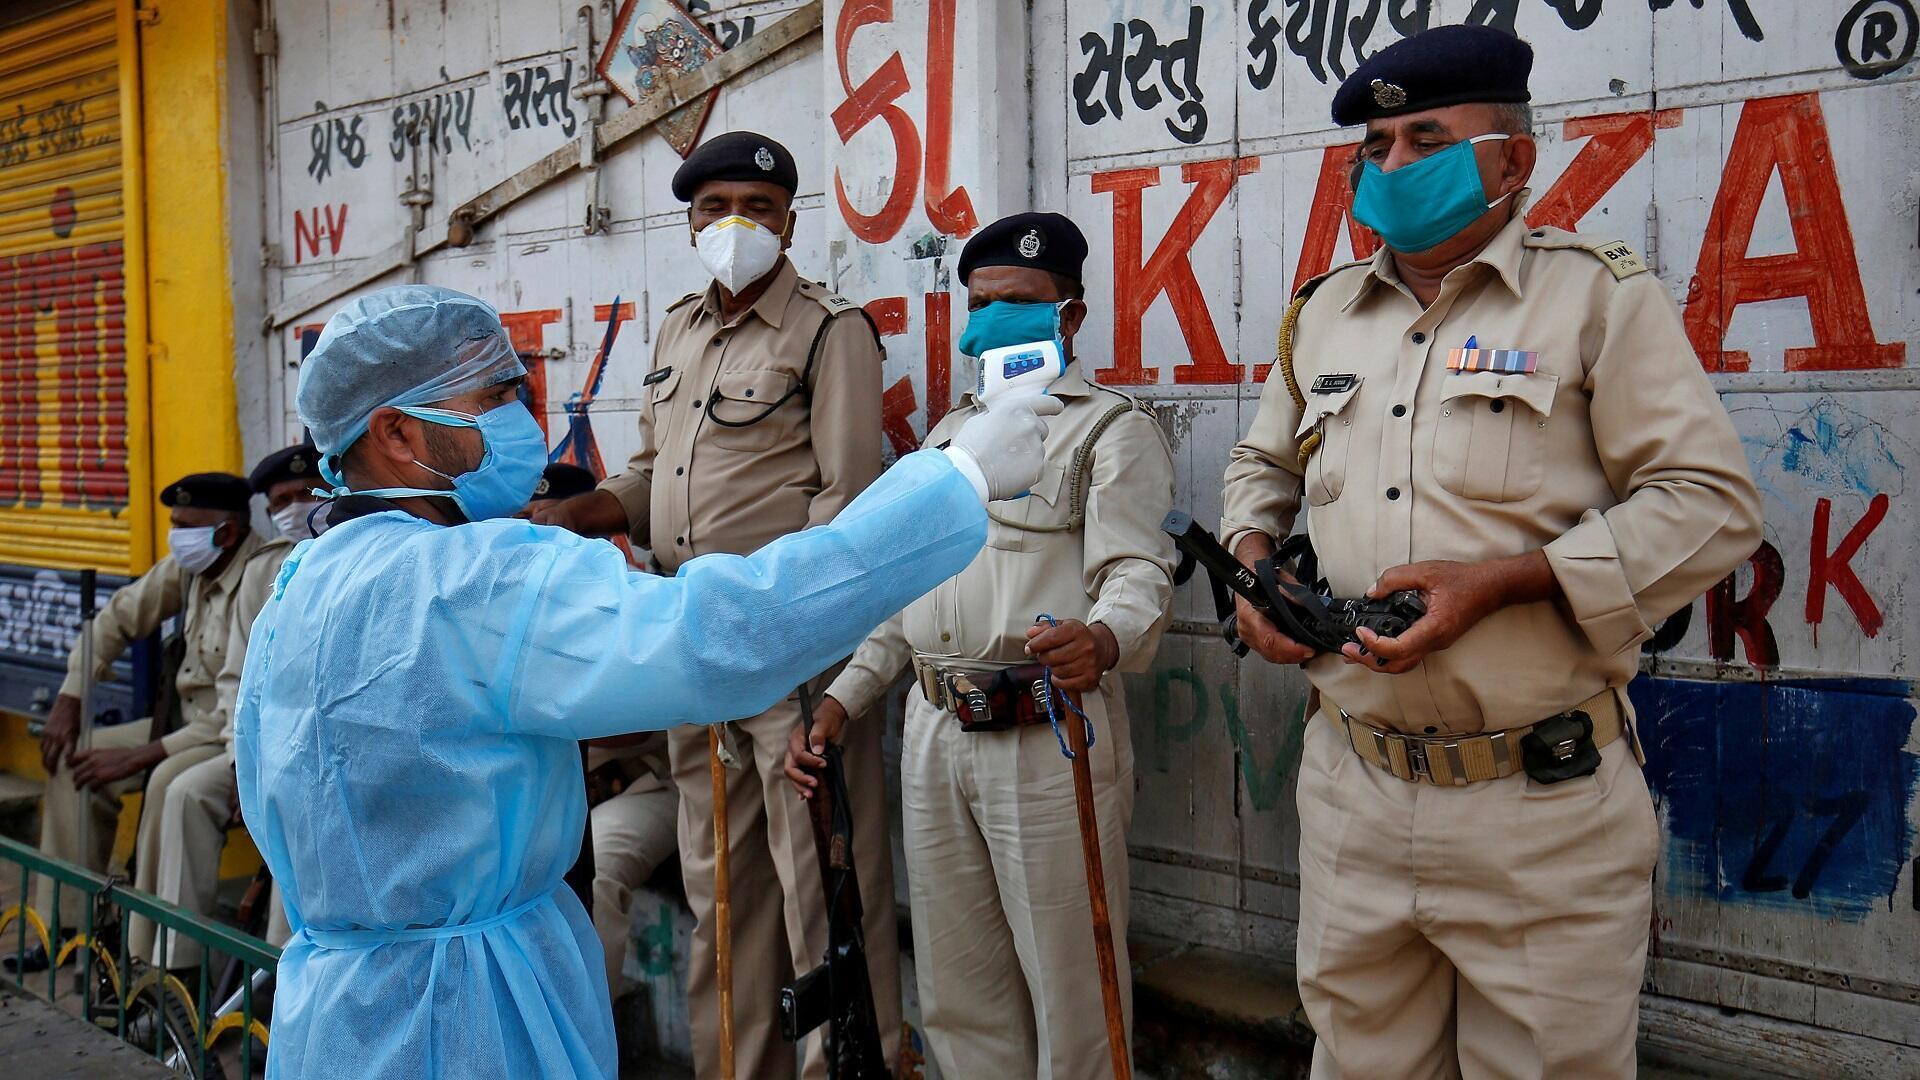 رجل إسعاف يقيس درجة حرارة رجال شرطة بمدينة أحمد آباد الهندية خلال إجراءات العزل المفروضة على البلاد، 9 أبريل/نيسان 2020.